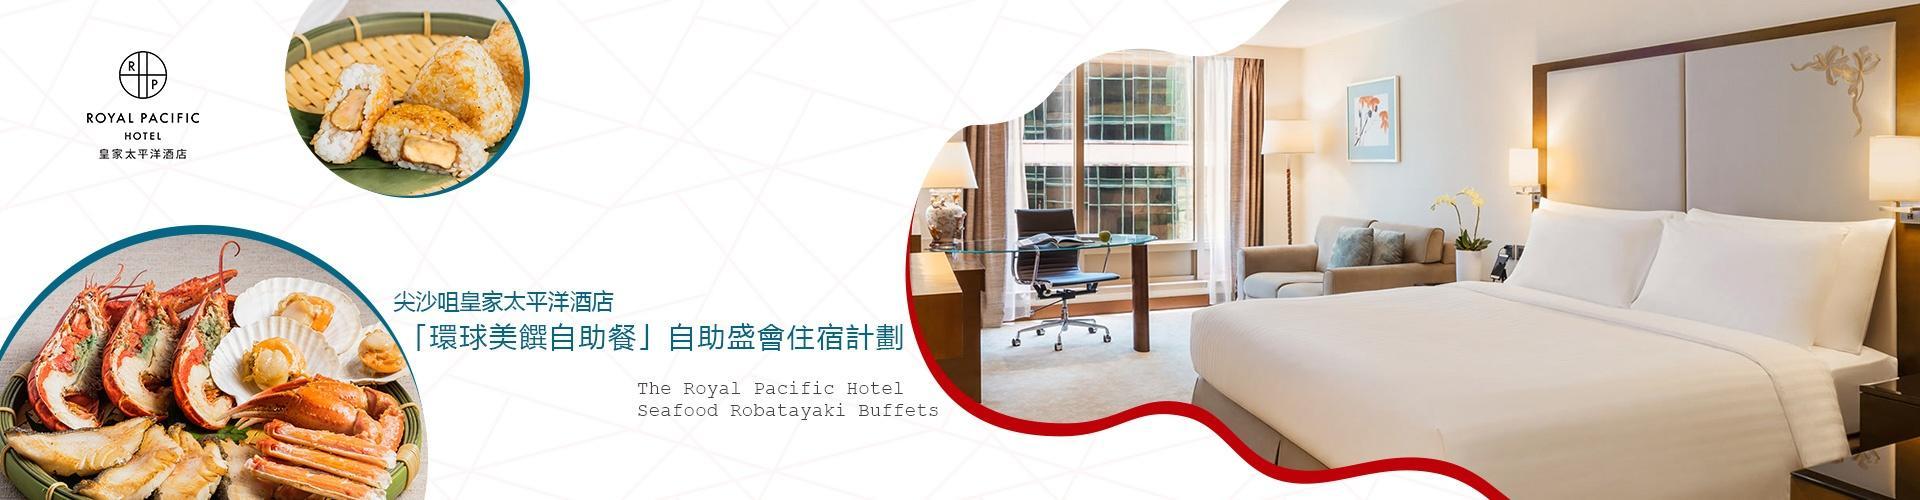 尖沙咀皇家太平洋酒店「環球美饌自助餐」自助盛會住宿計劃